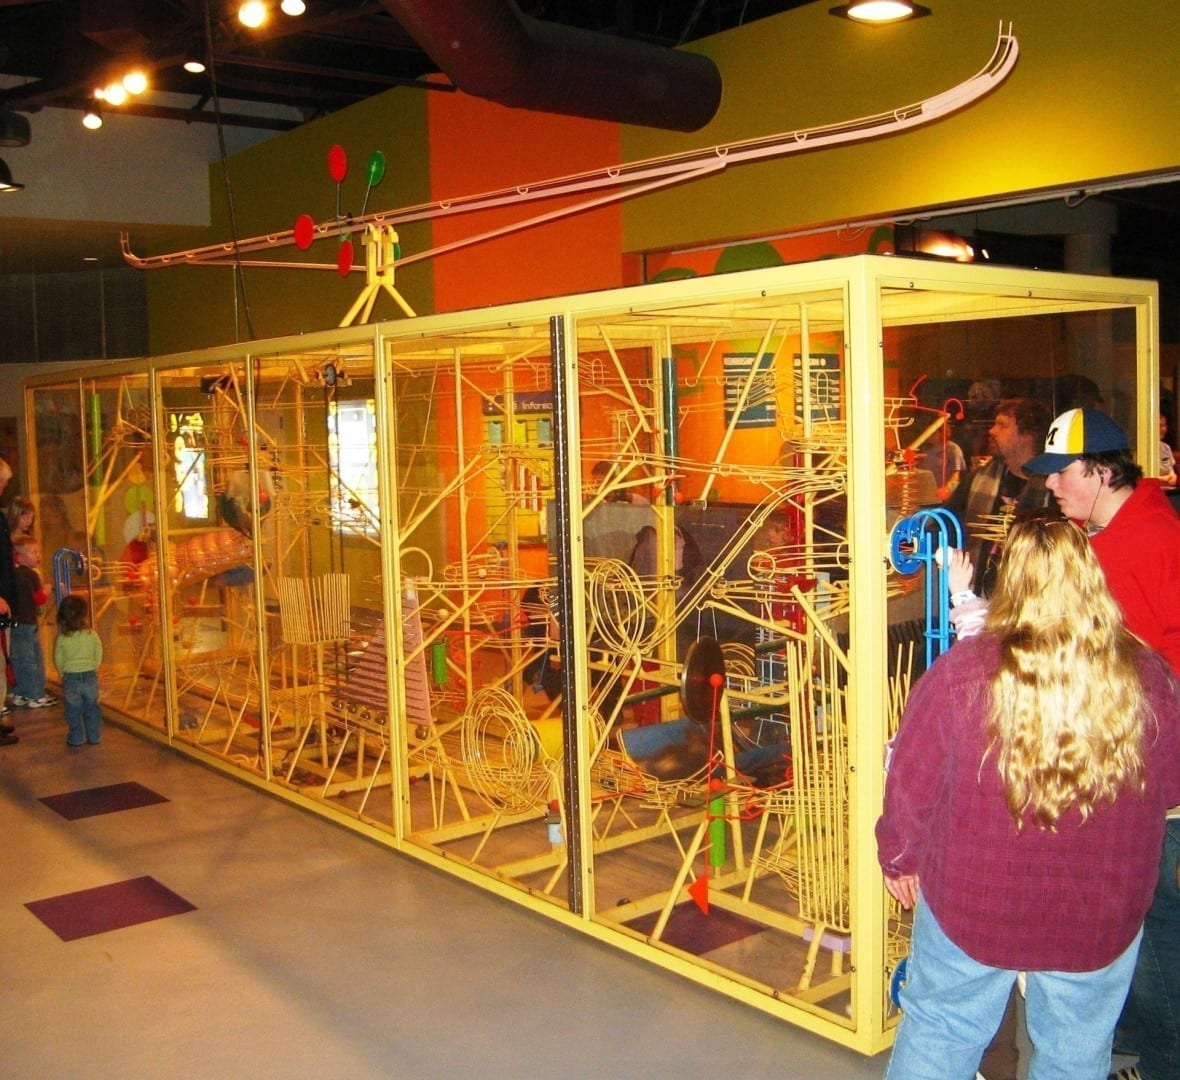 Una máquina de música de Rube Goldbergian en la Estación de la Imaginación Toledo, Ohio Estados Unidos